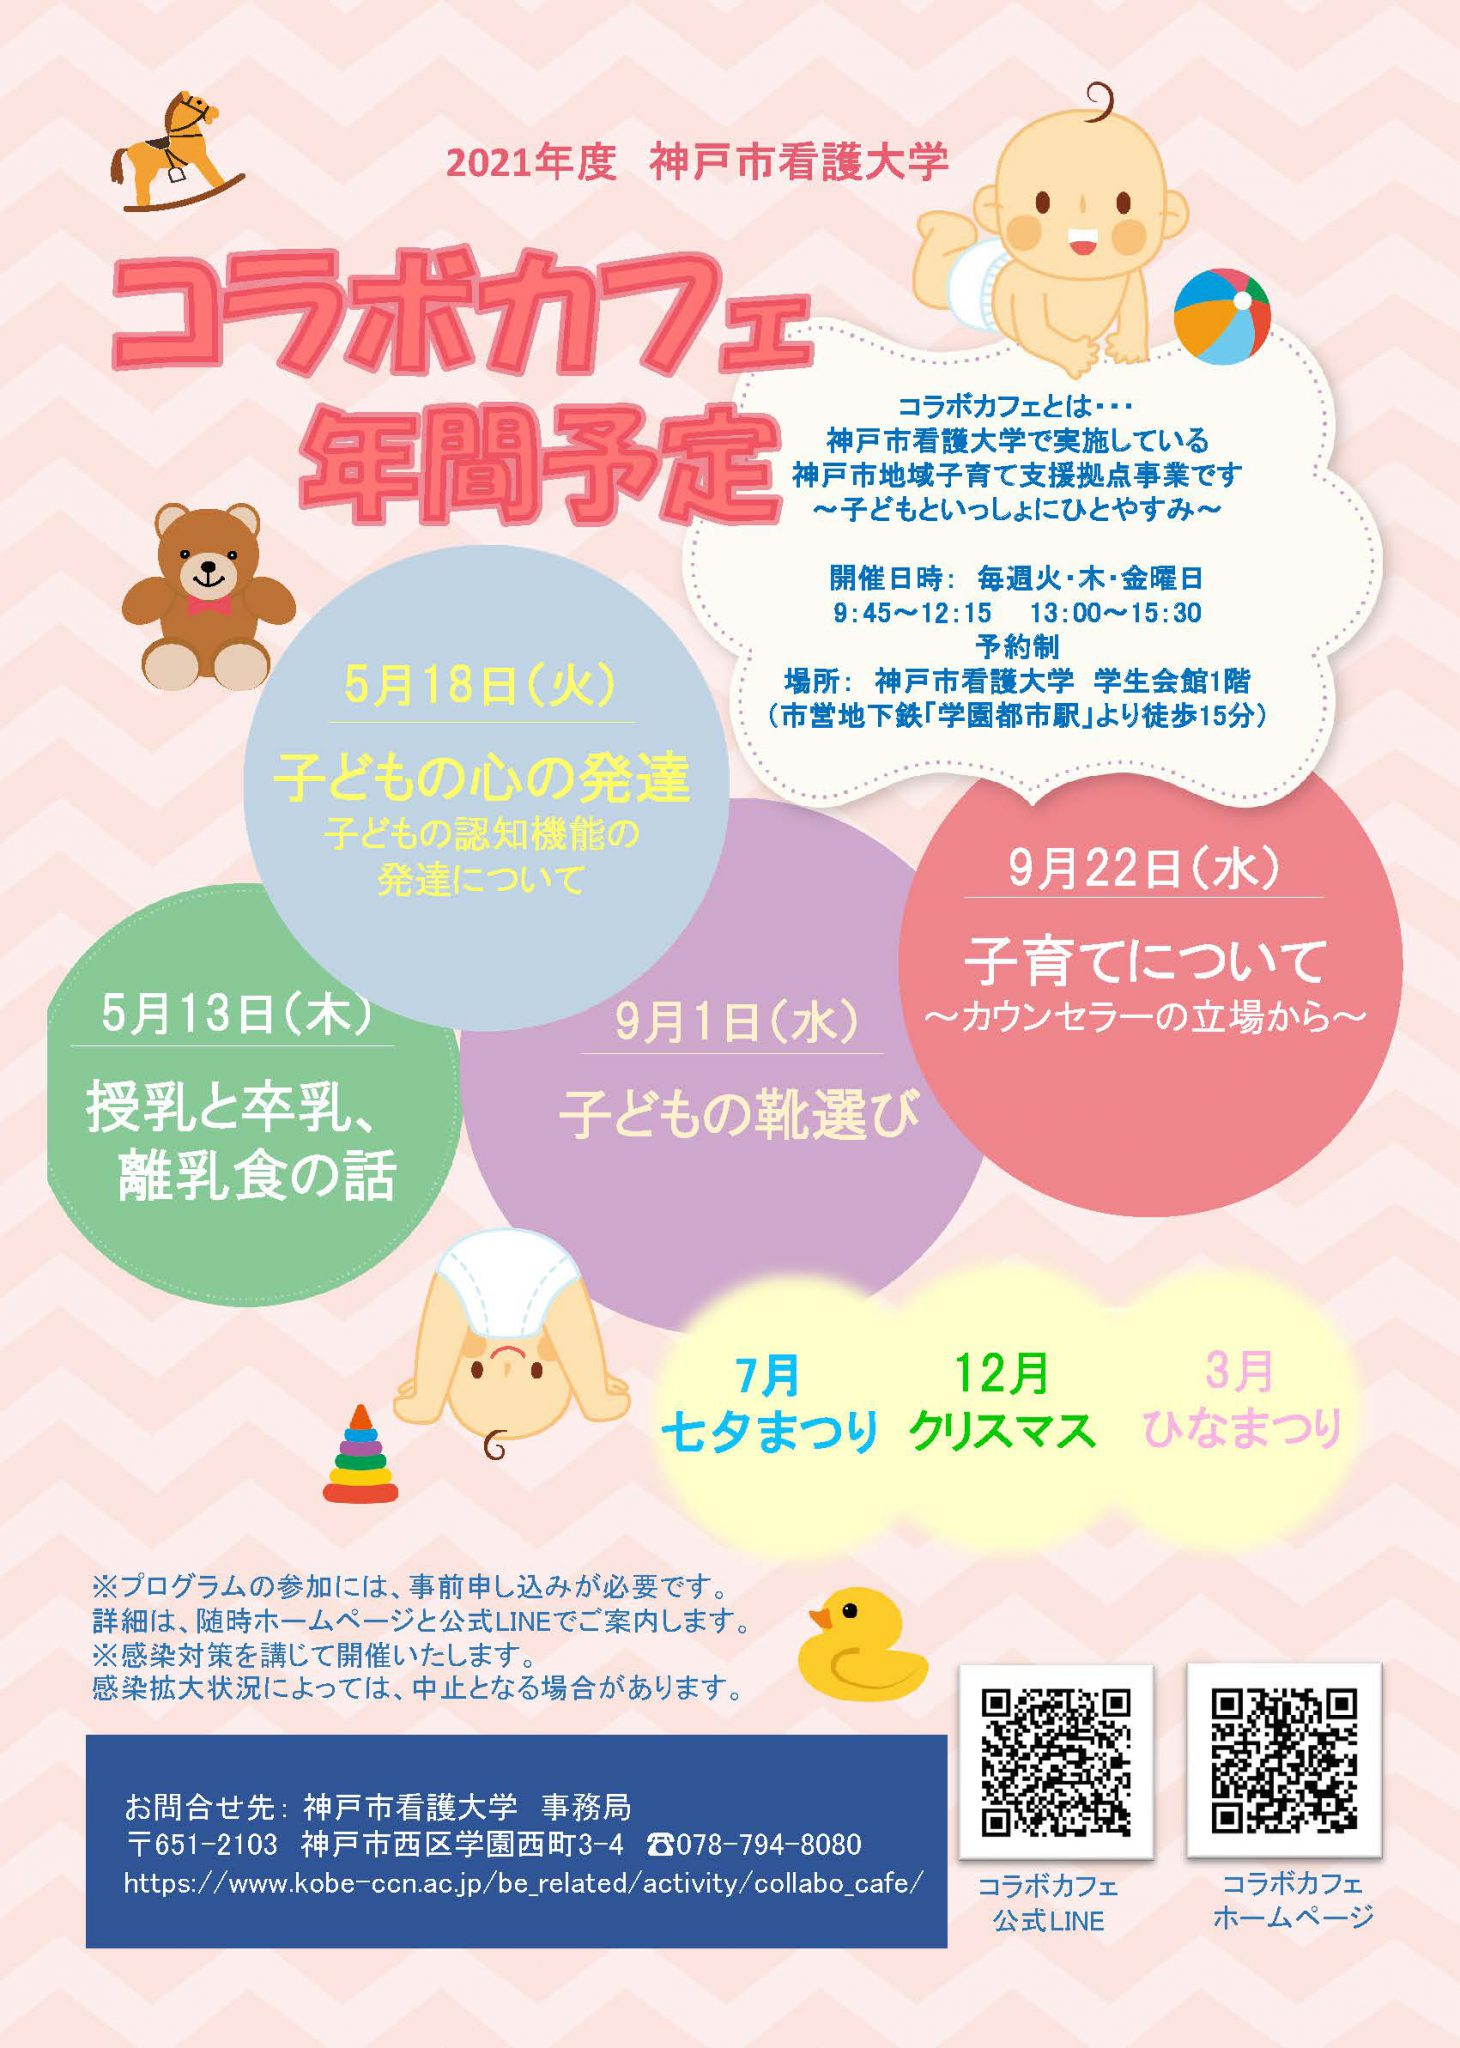 【コラボカフェ】年間イベント予定